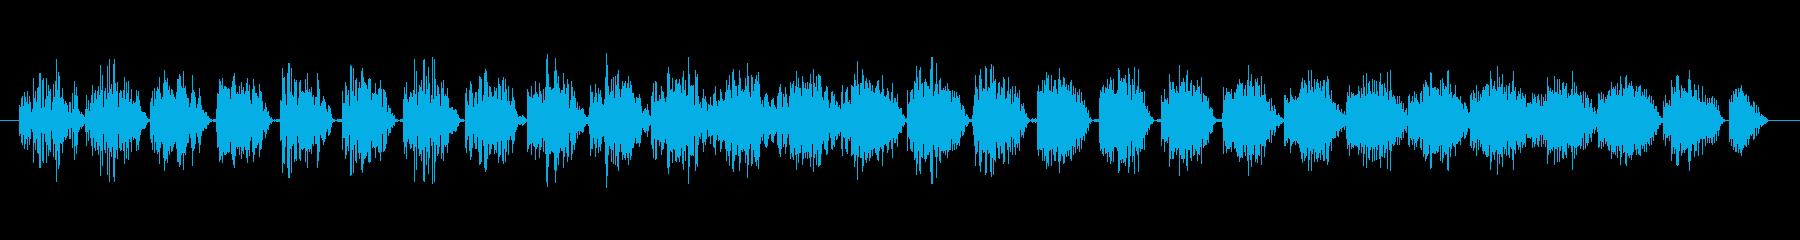 ステータスアップ(プラスのイメージ)の再生済みの波形